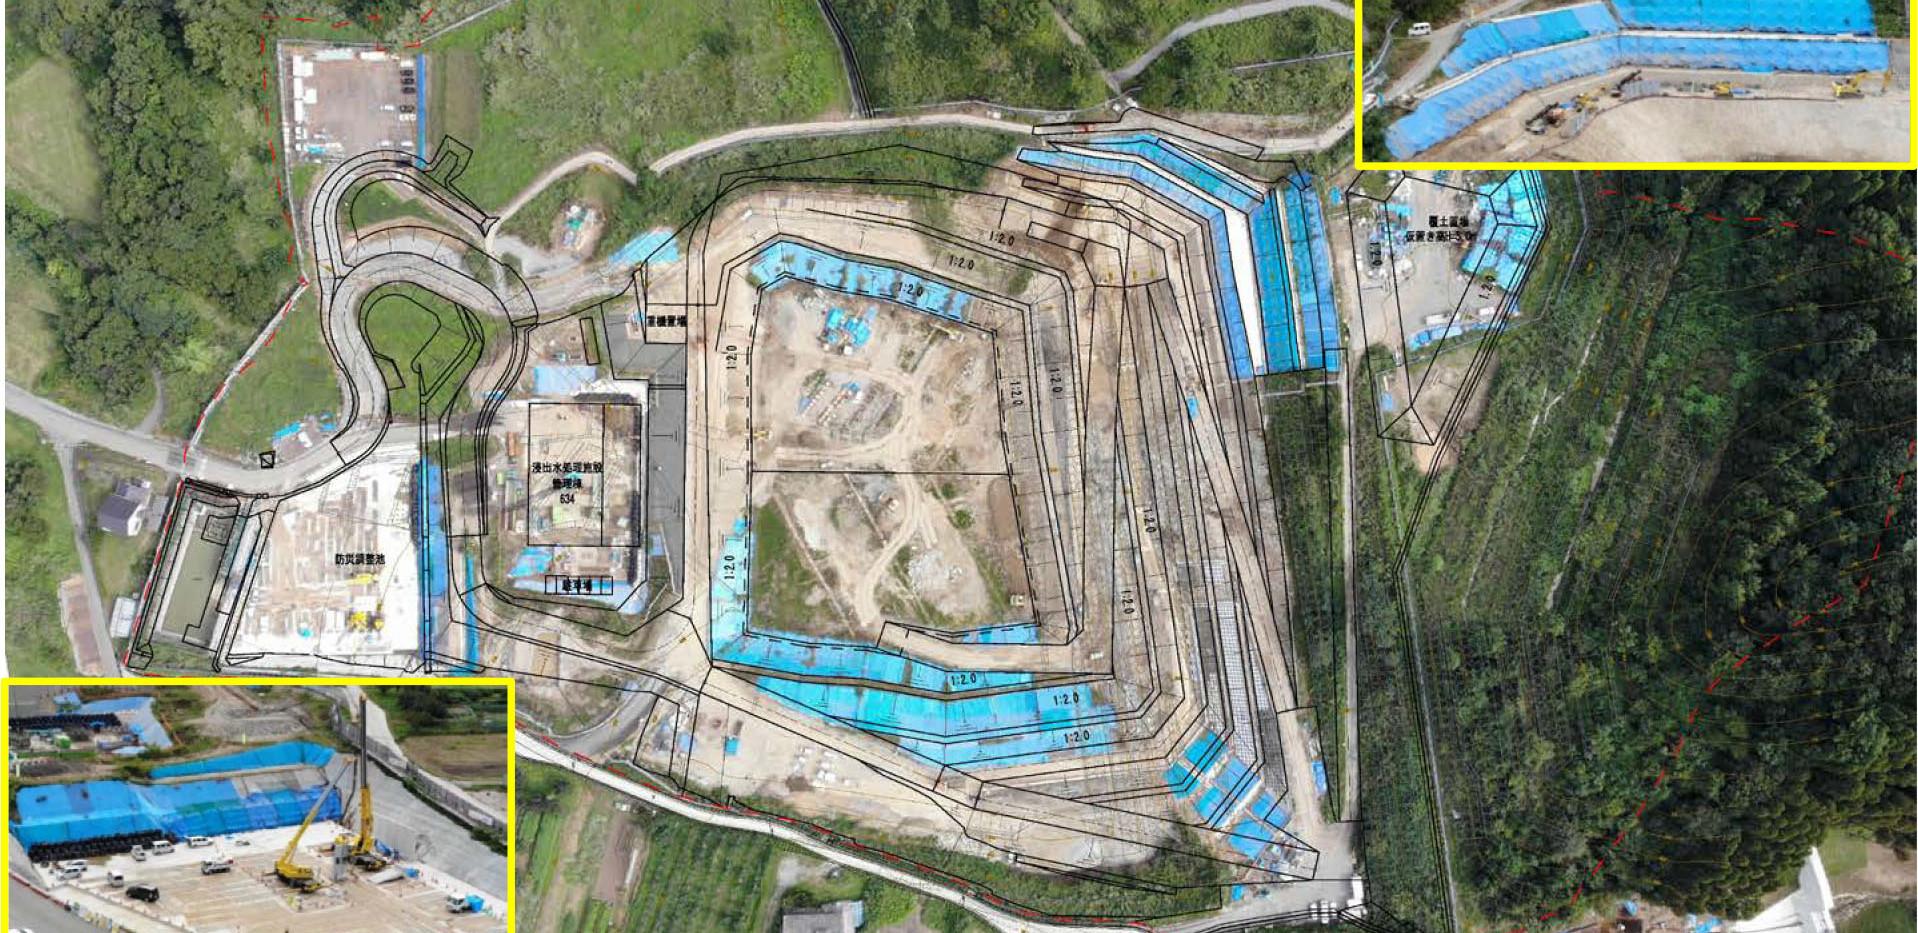 令和元年9月 プレキャスト擁壁の設置を開始しました。